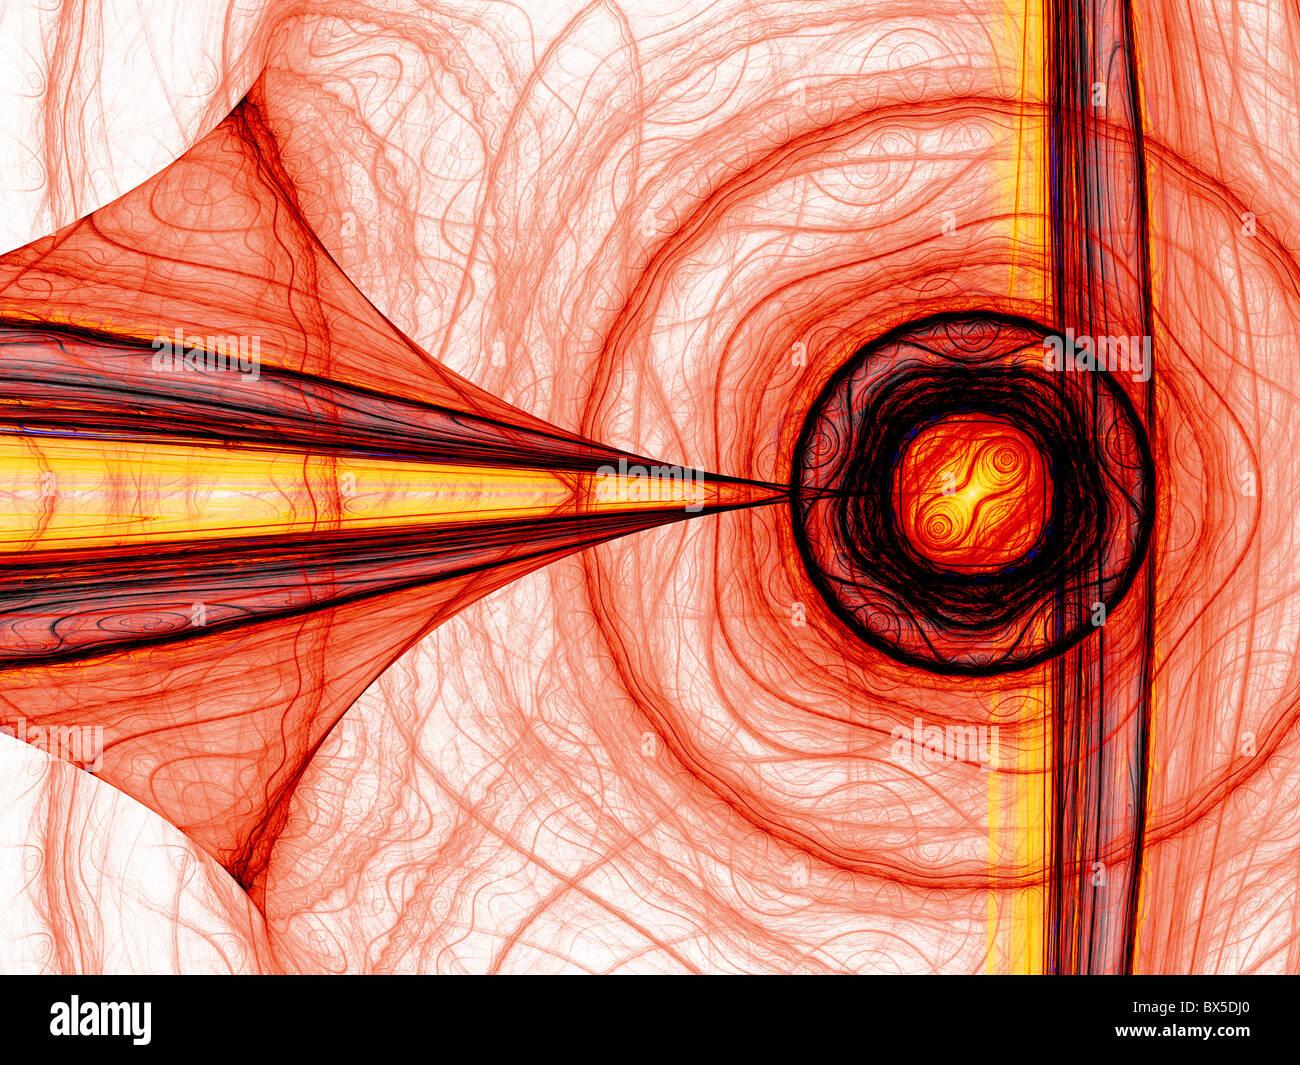 Résumé de l'énergie rouge générée par ordinateur fractal. Bon comme fond d'écran. Banque D'Images